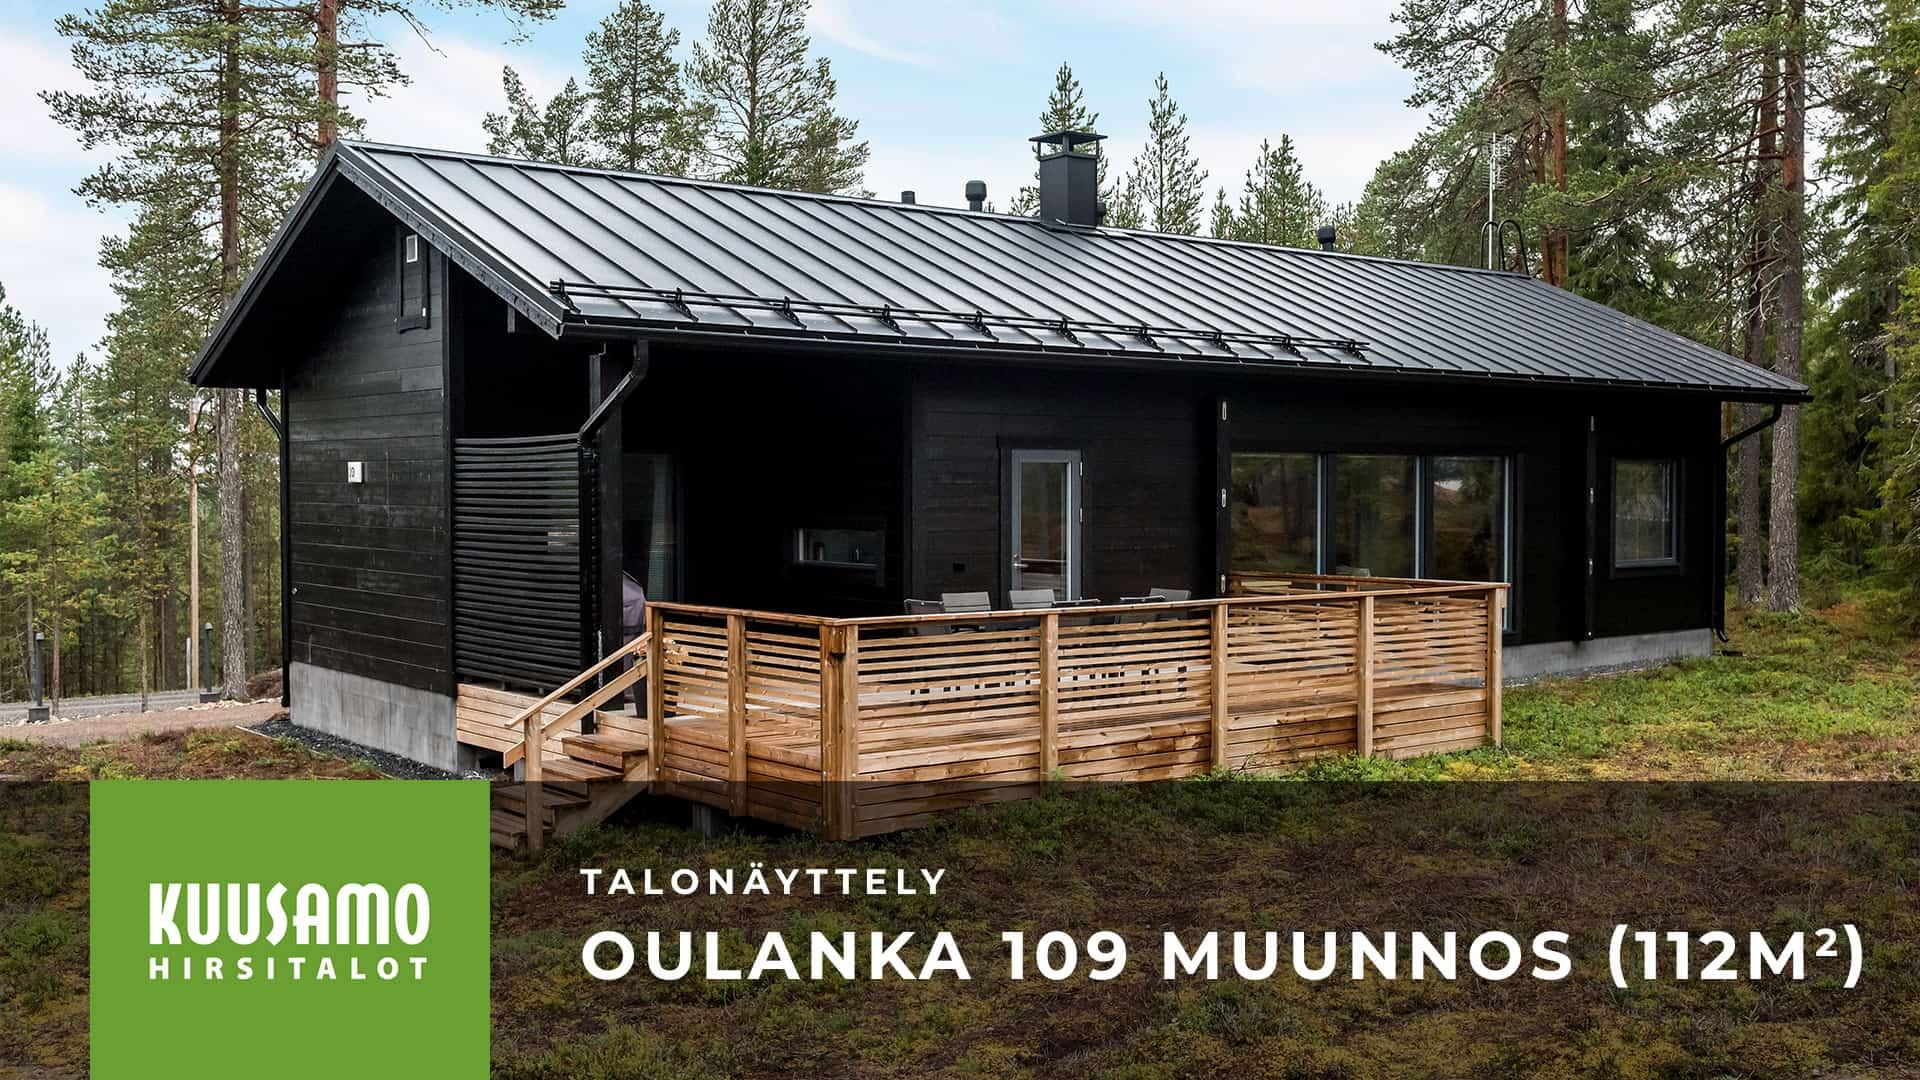 Ulkokuva_Oulanka 109 muunnos.